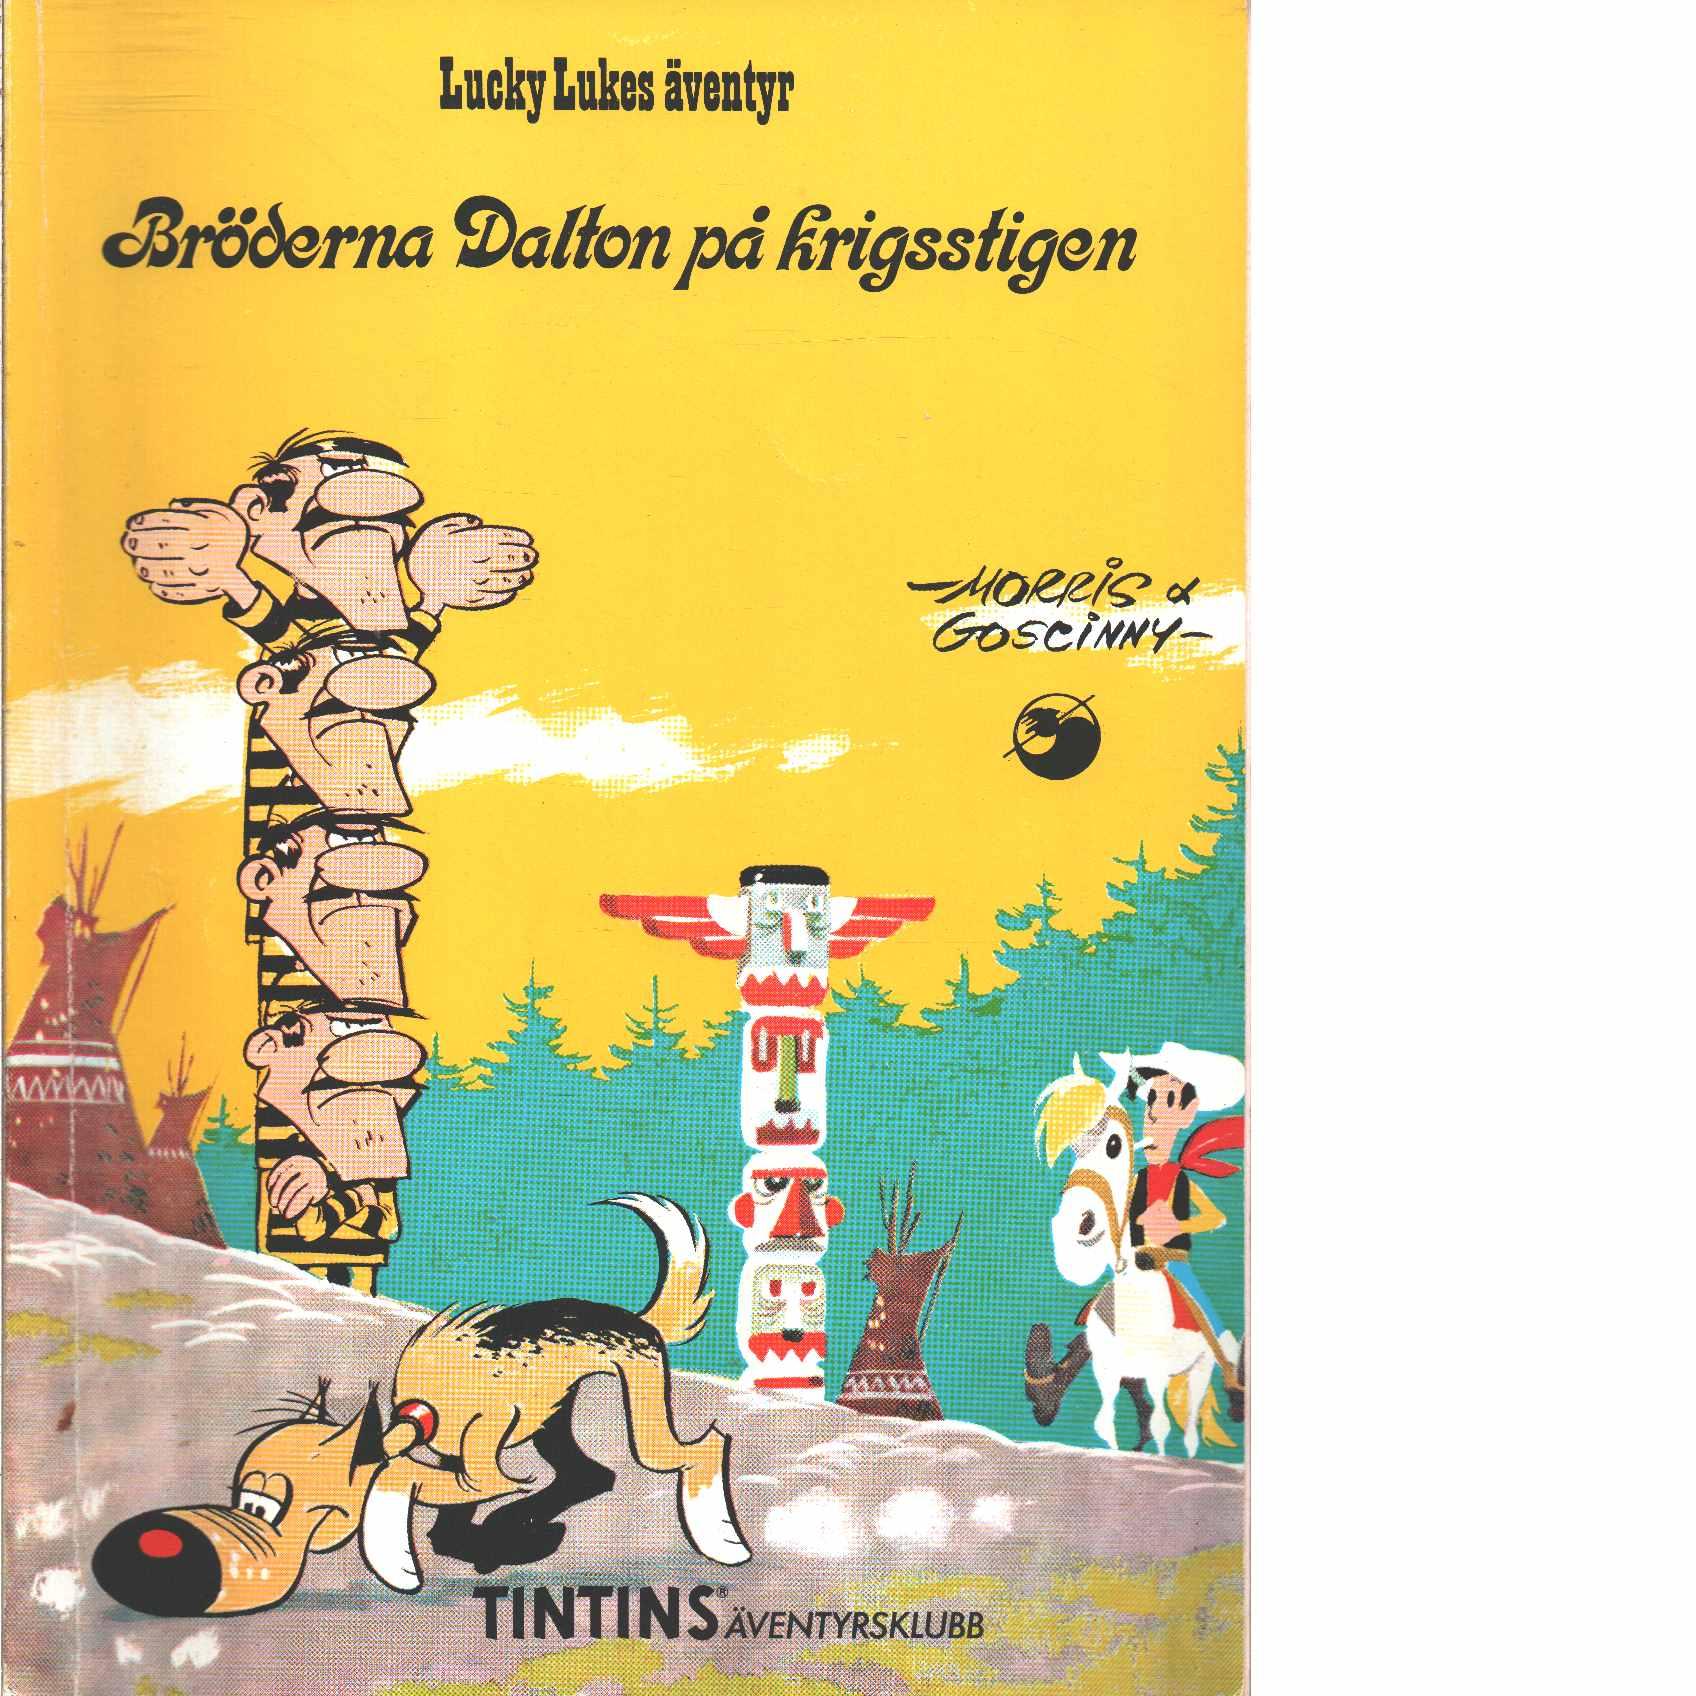 Lucky Lukes äventyr : Bröderna Dalton på krigsstigen  - Morris och Goscinny, René